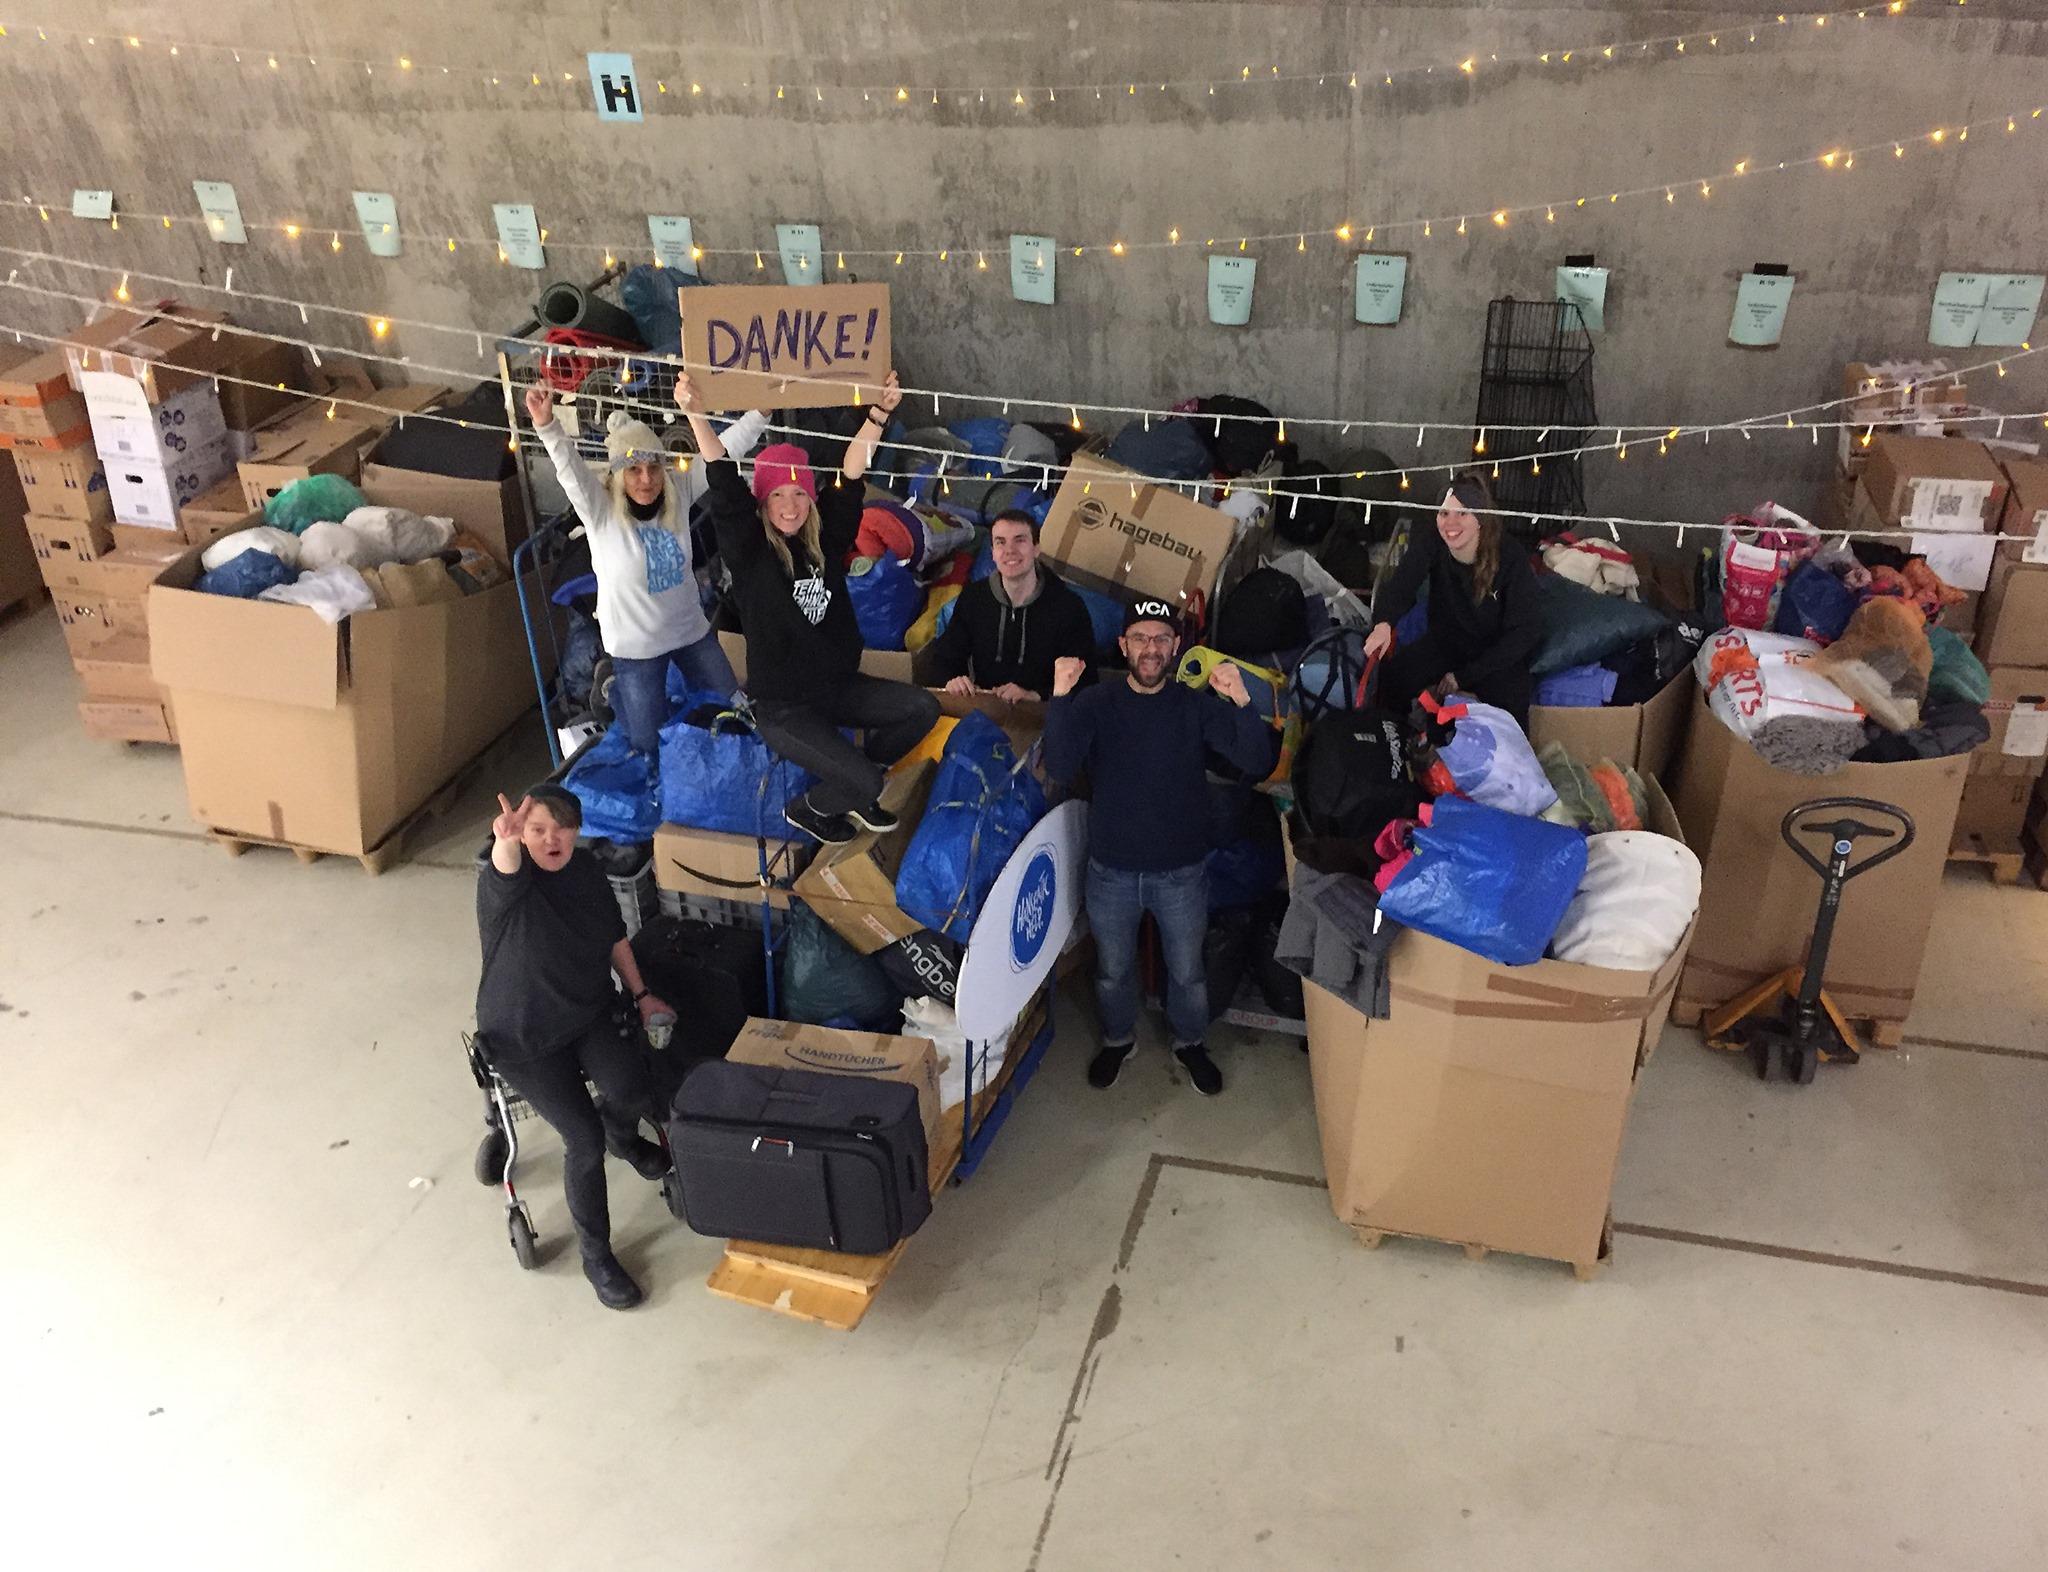 AINO & Hanseatic Help brauchen dich: Spende Schlafsäcke für Obdachlose!